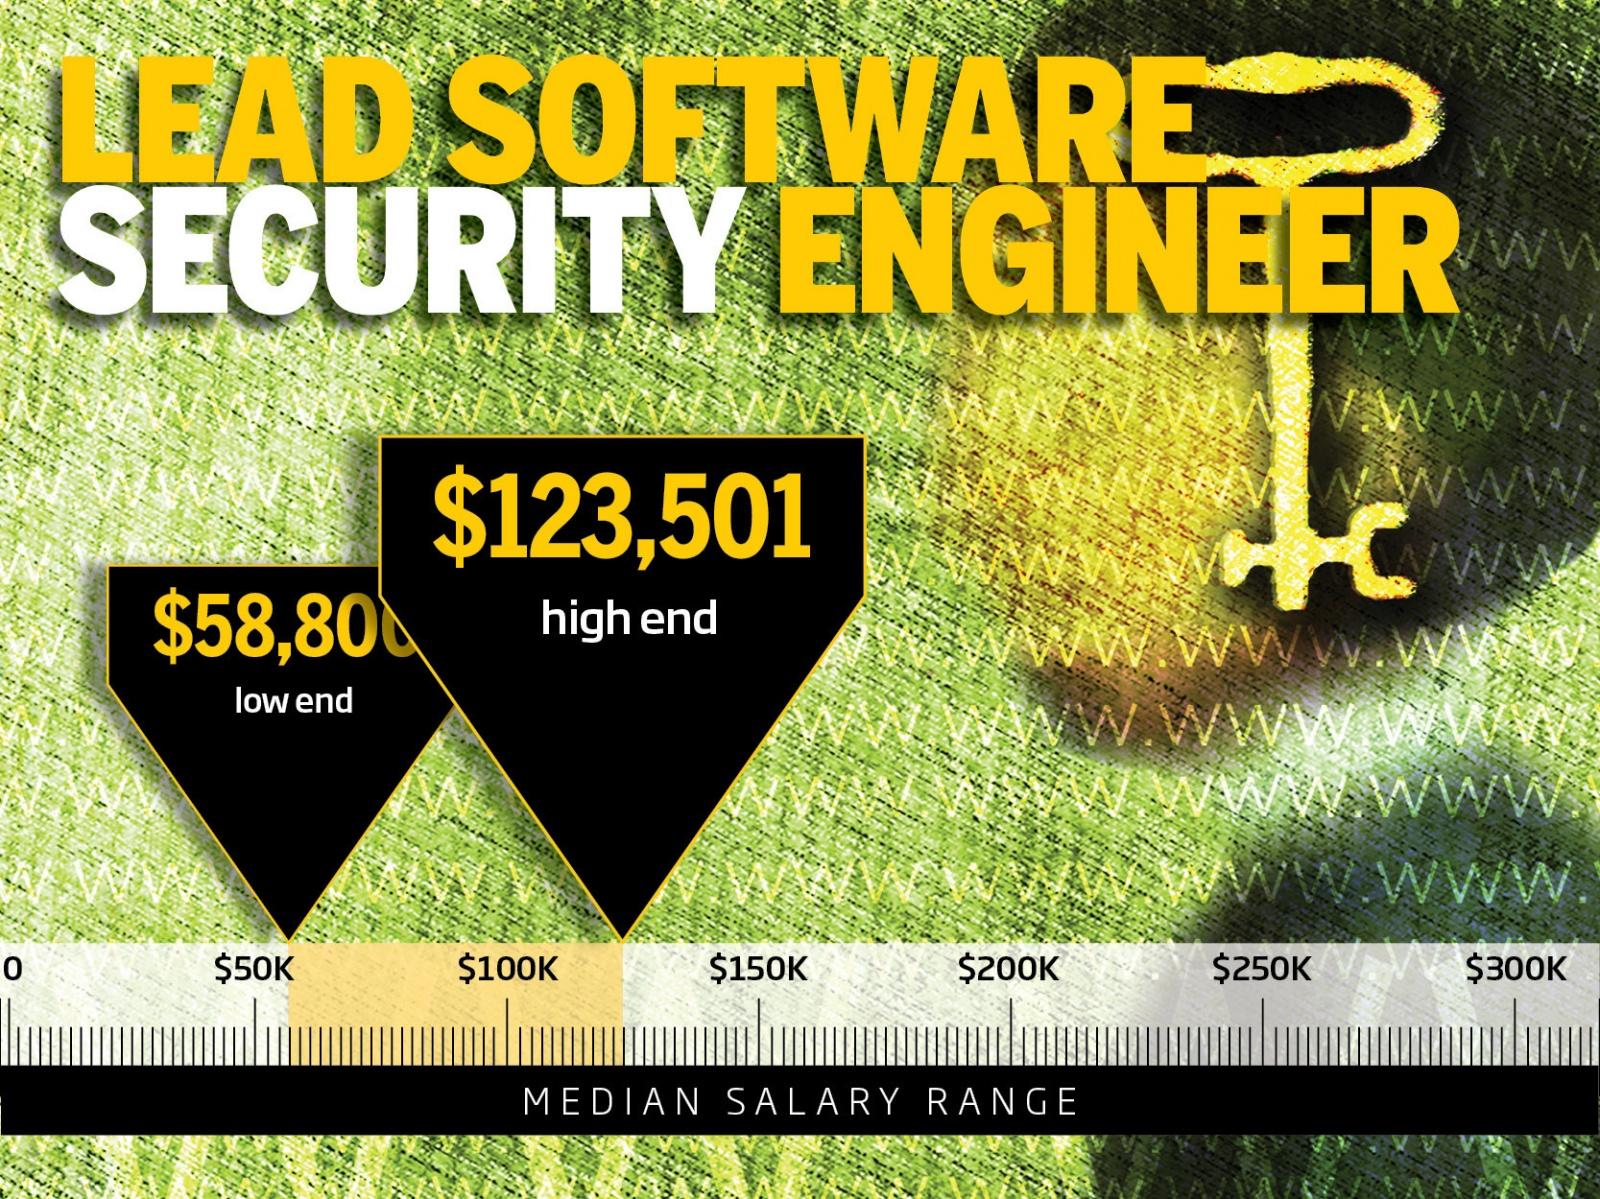 ТОП-10 самых высокооплачиваемых профессий в IT-безопасности - 2